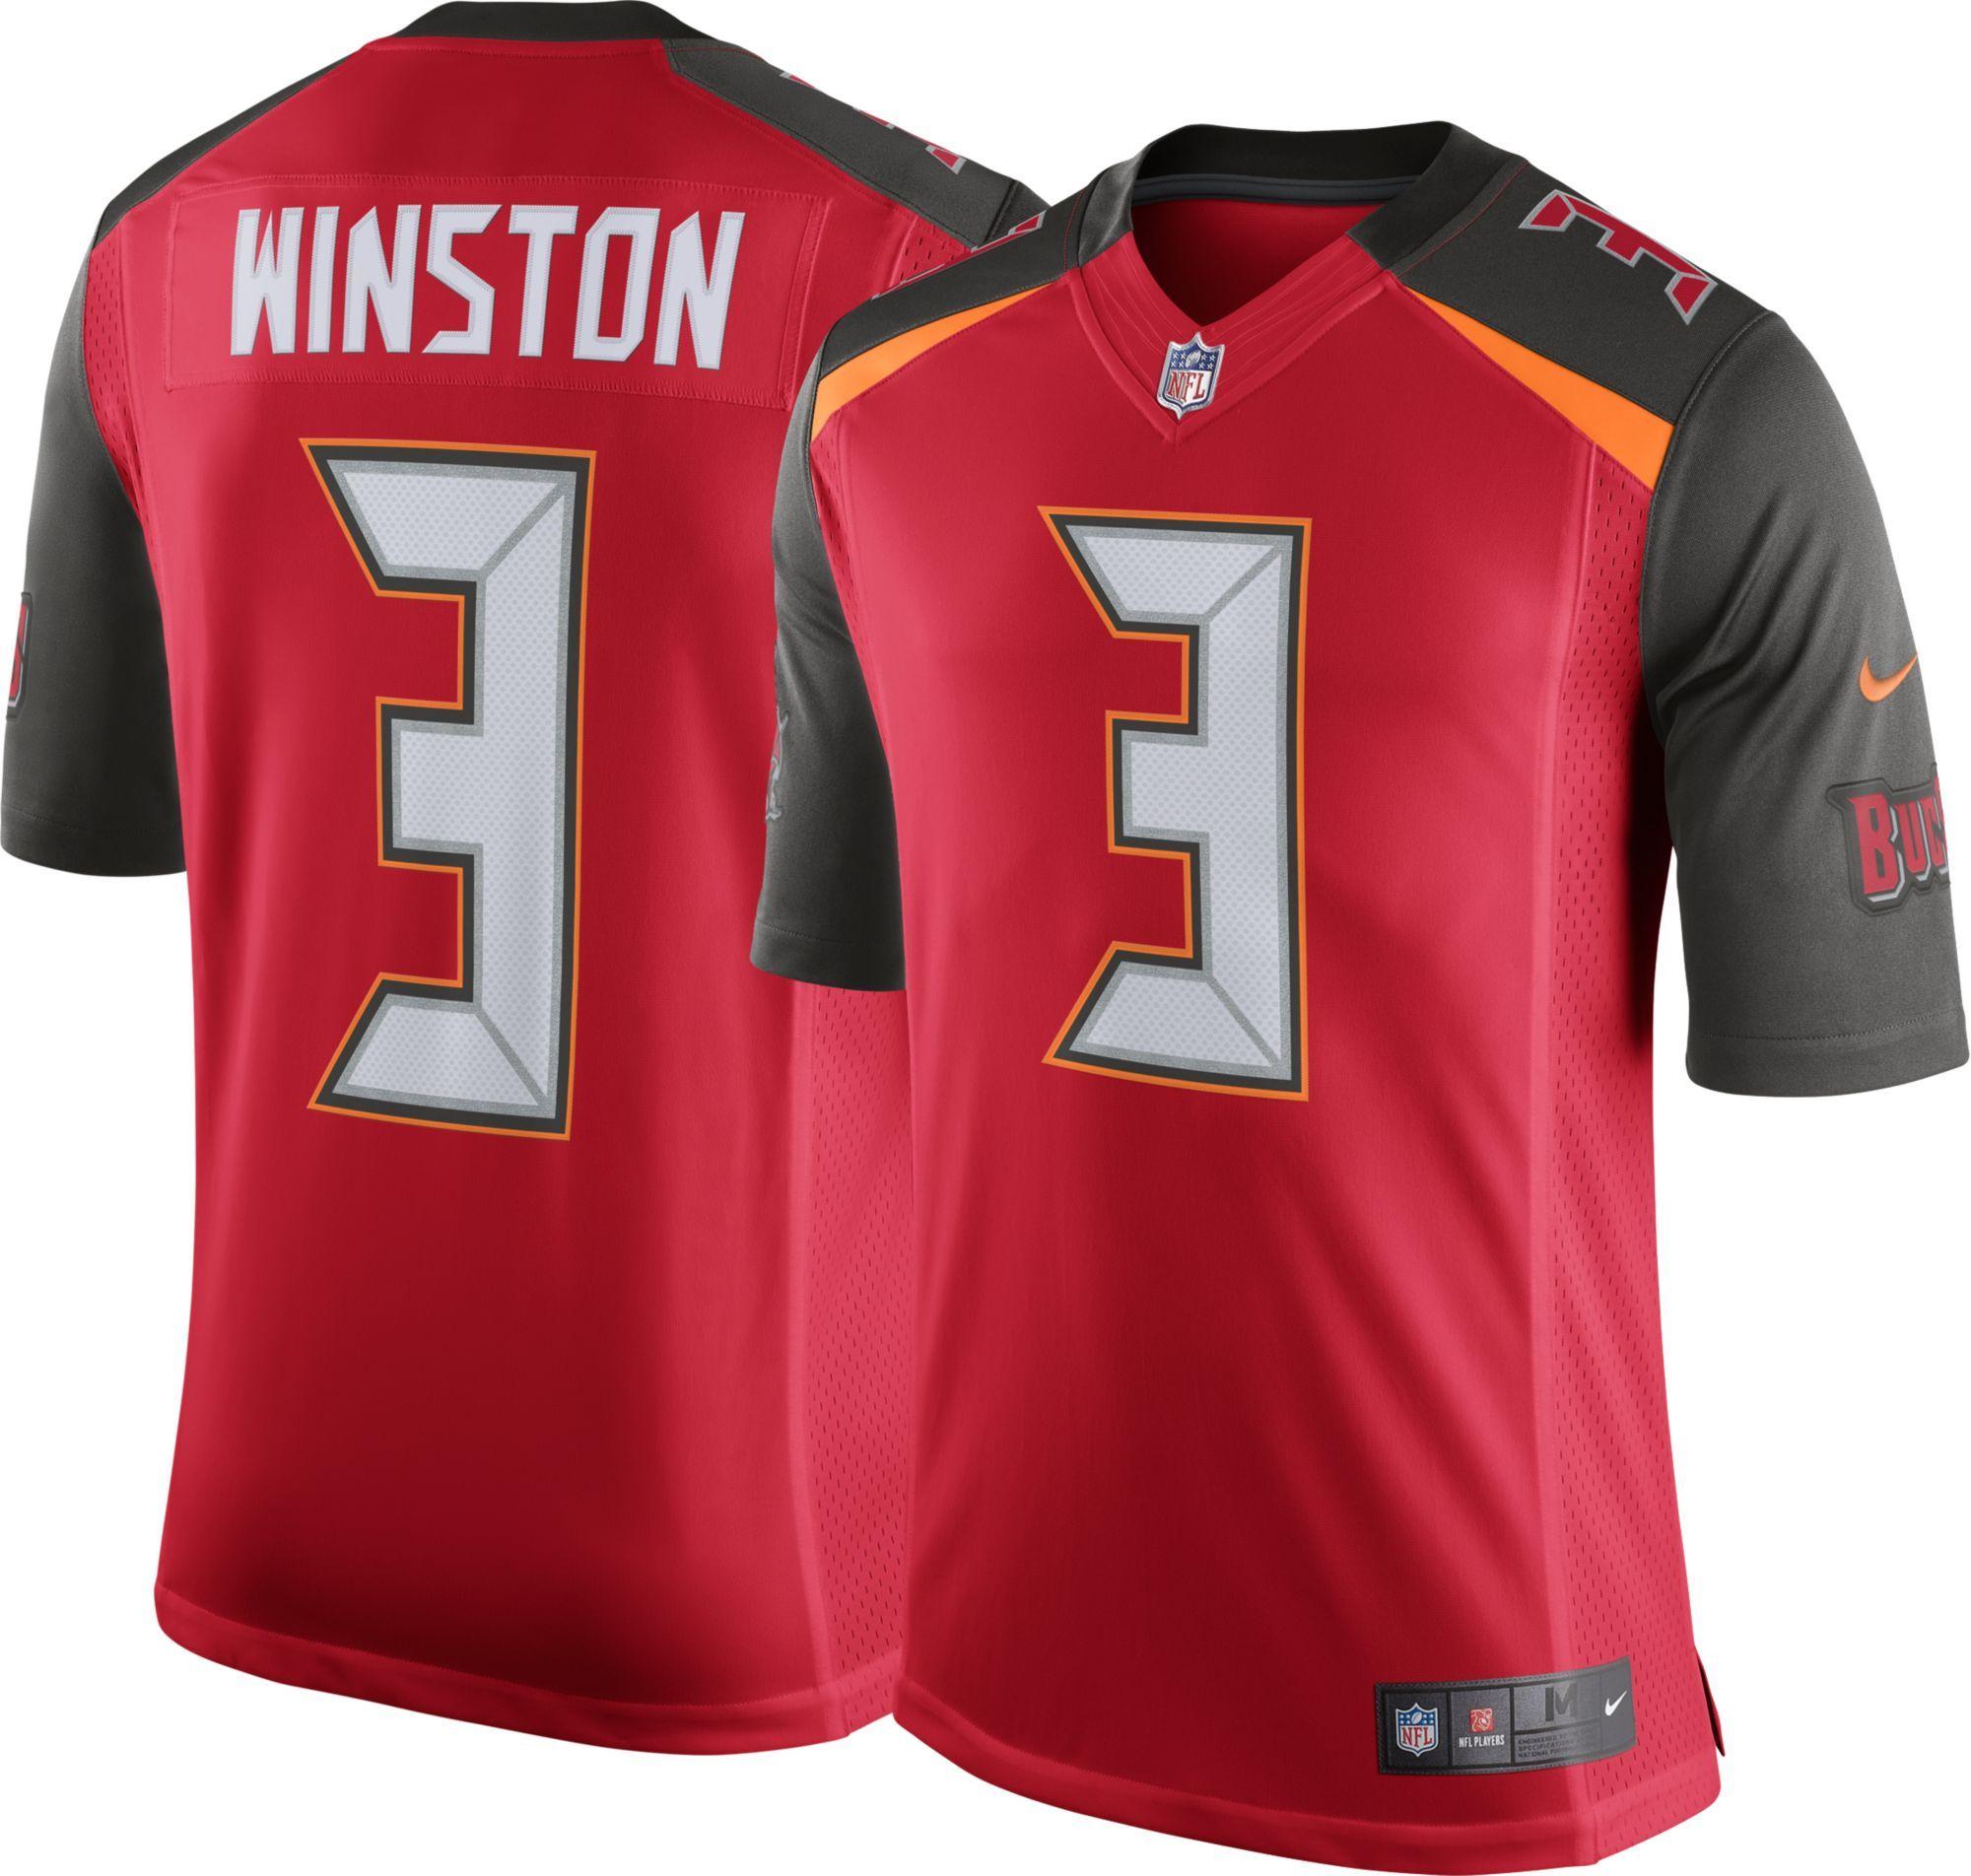 Nike Men S Home Limited Jersey Tampa Bay Buccaneers Jameis Winston 3 Nike Men Nike Men